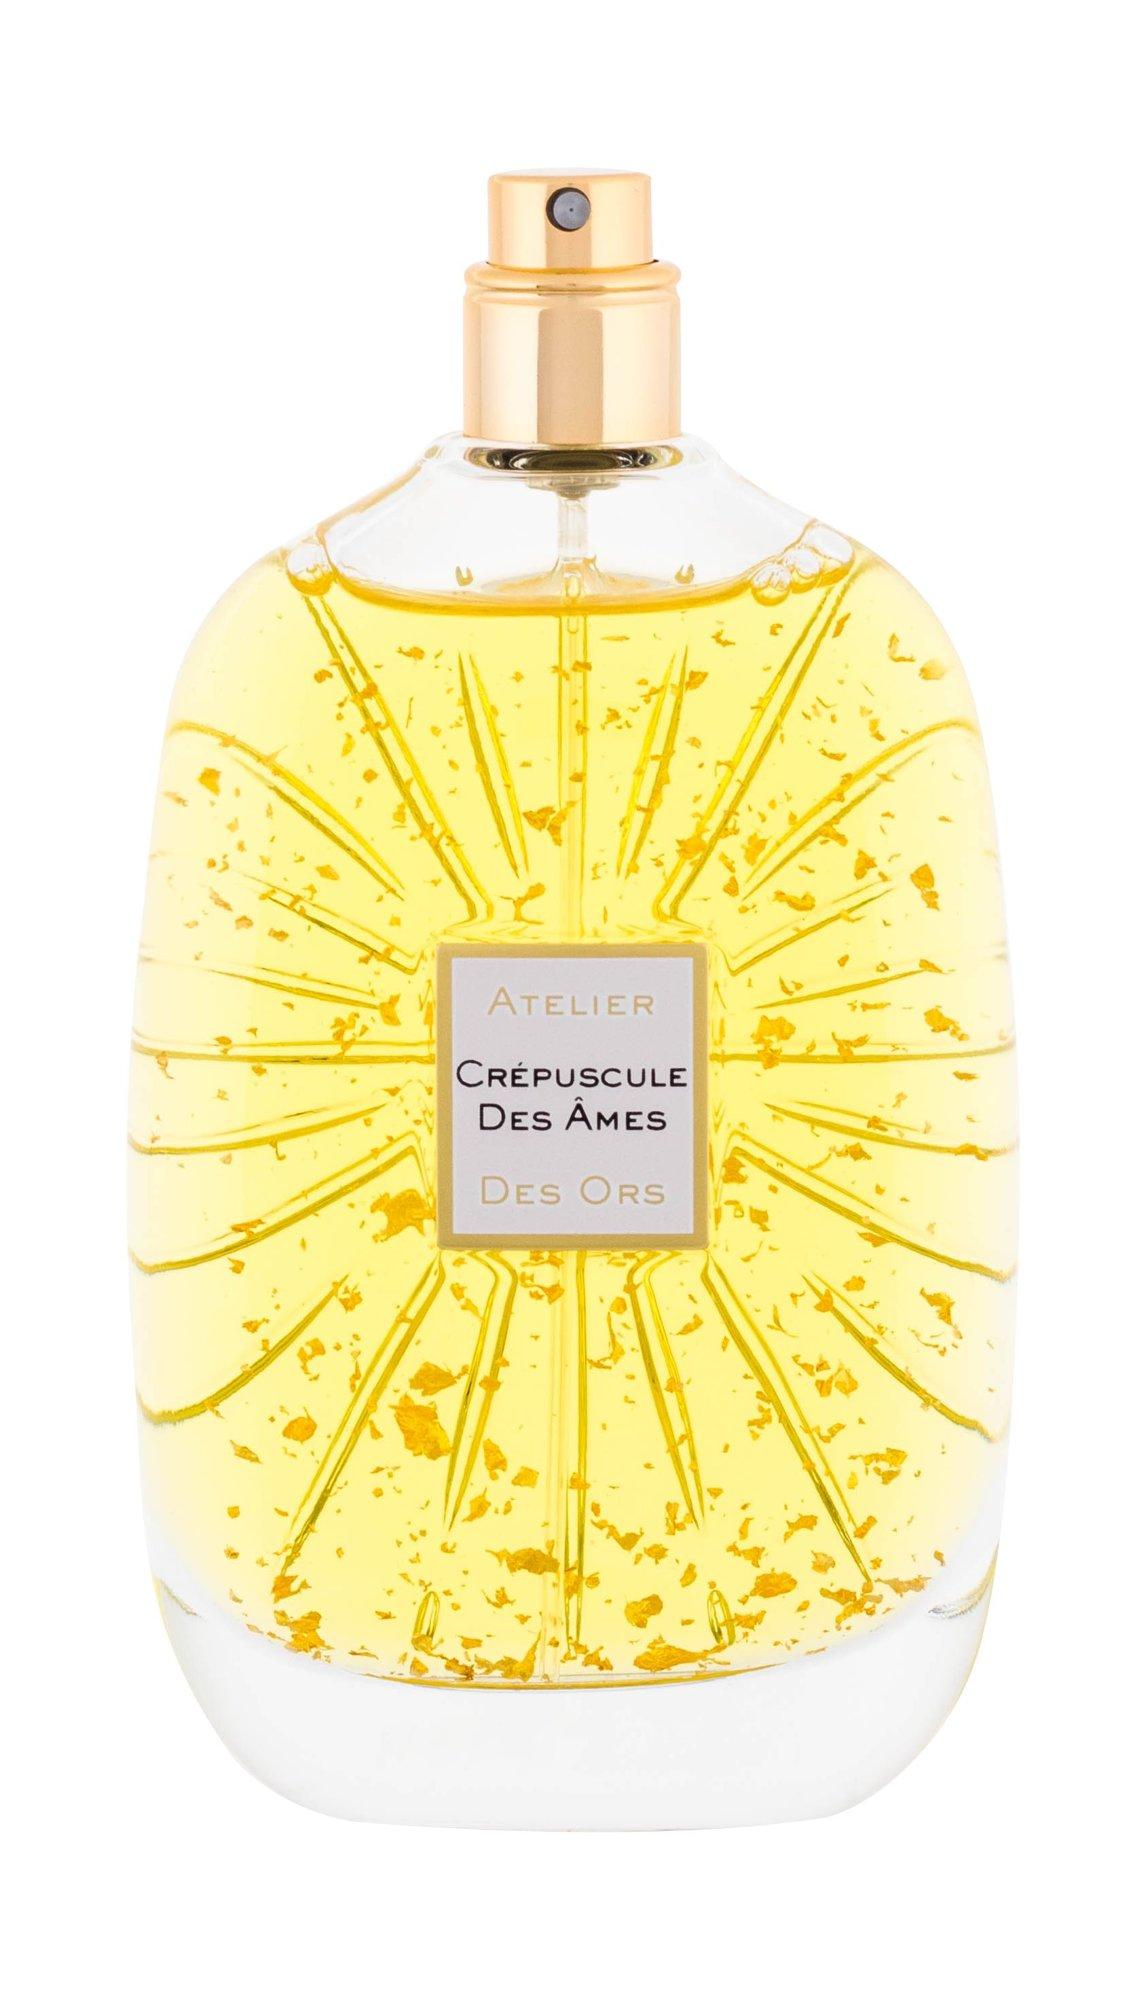 Atelier des Ors Crepuscule Des Ames Eau de Parfum 100ml